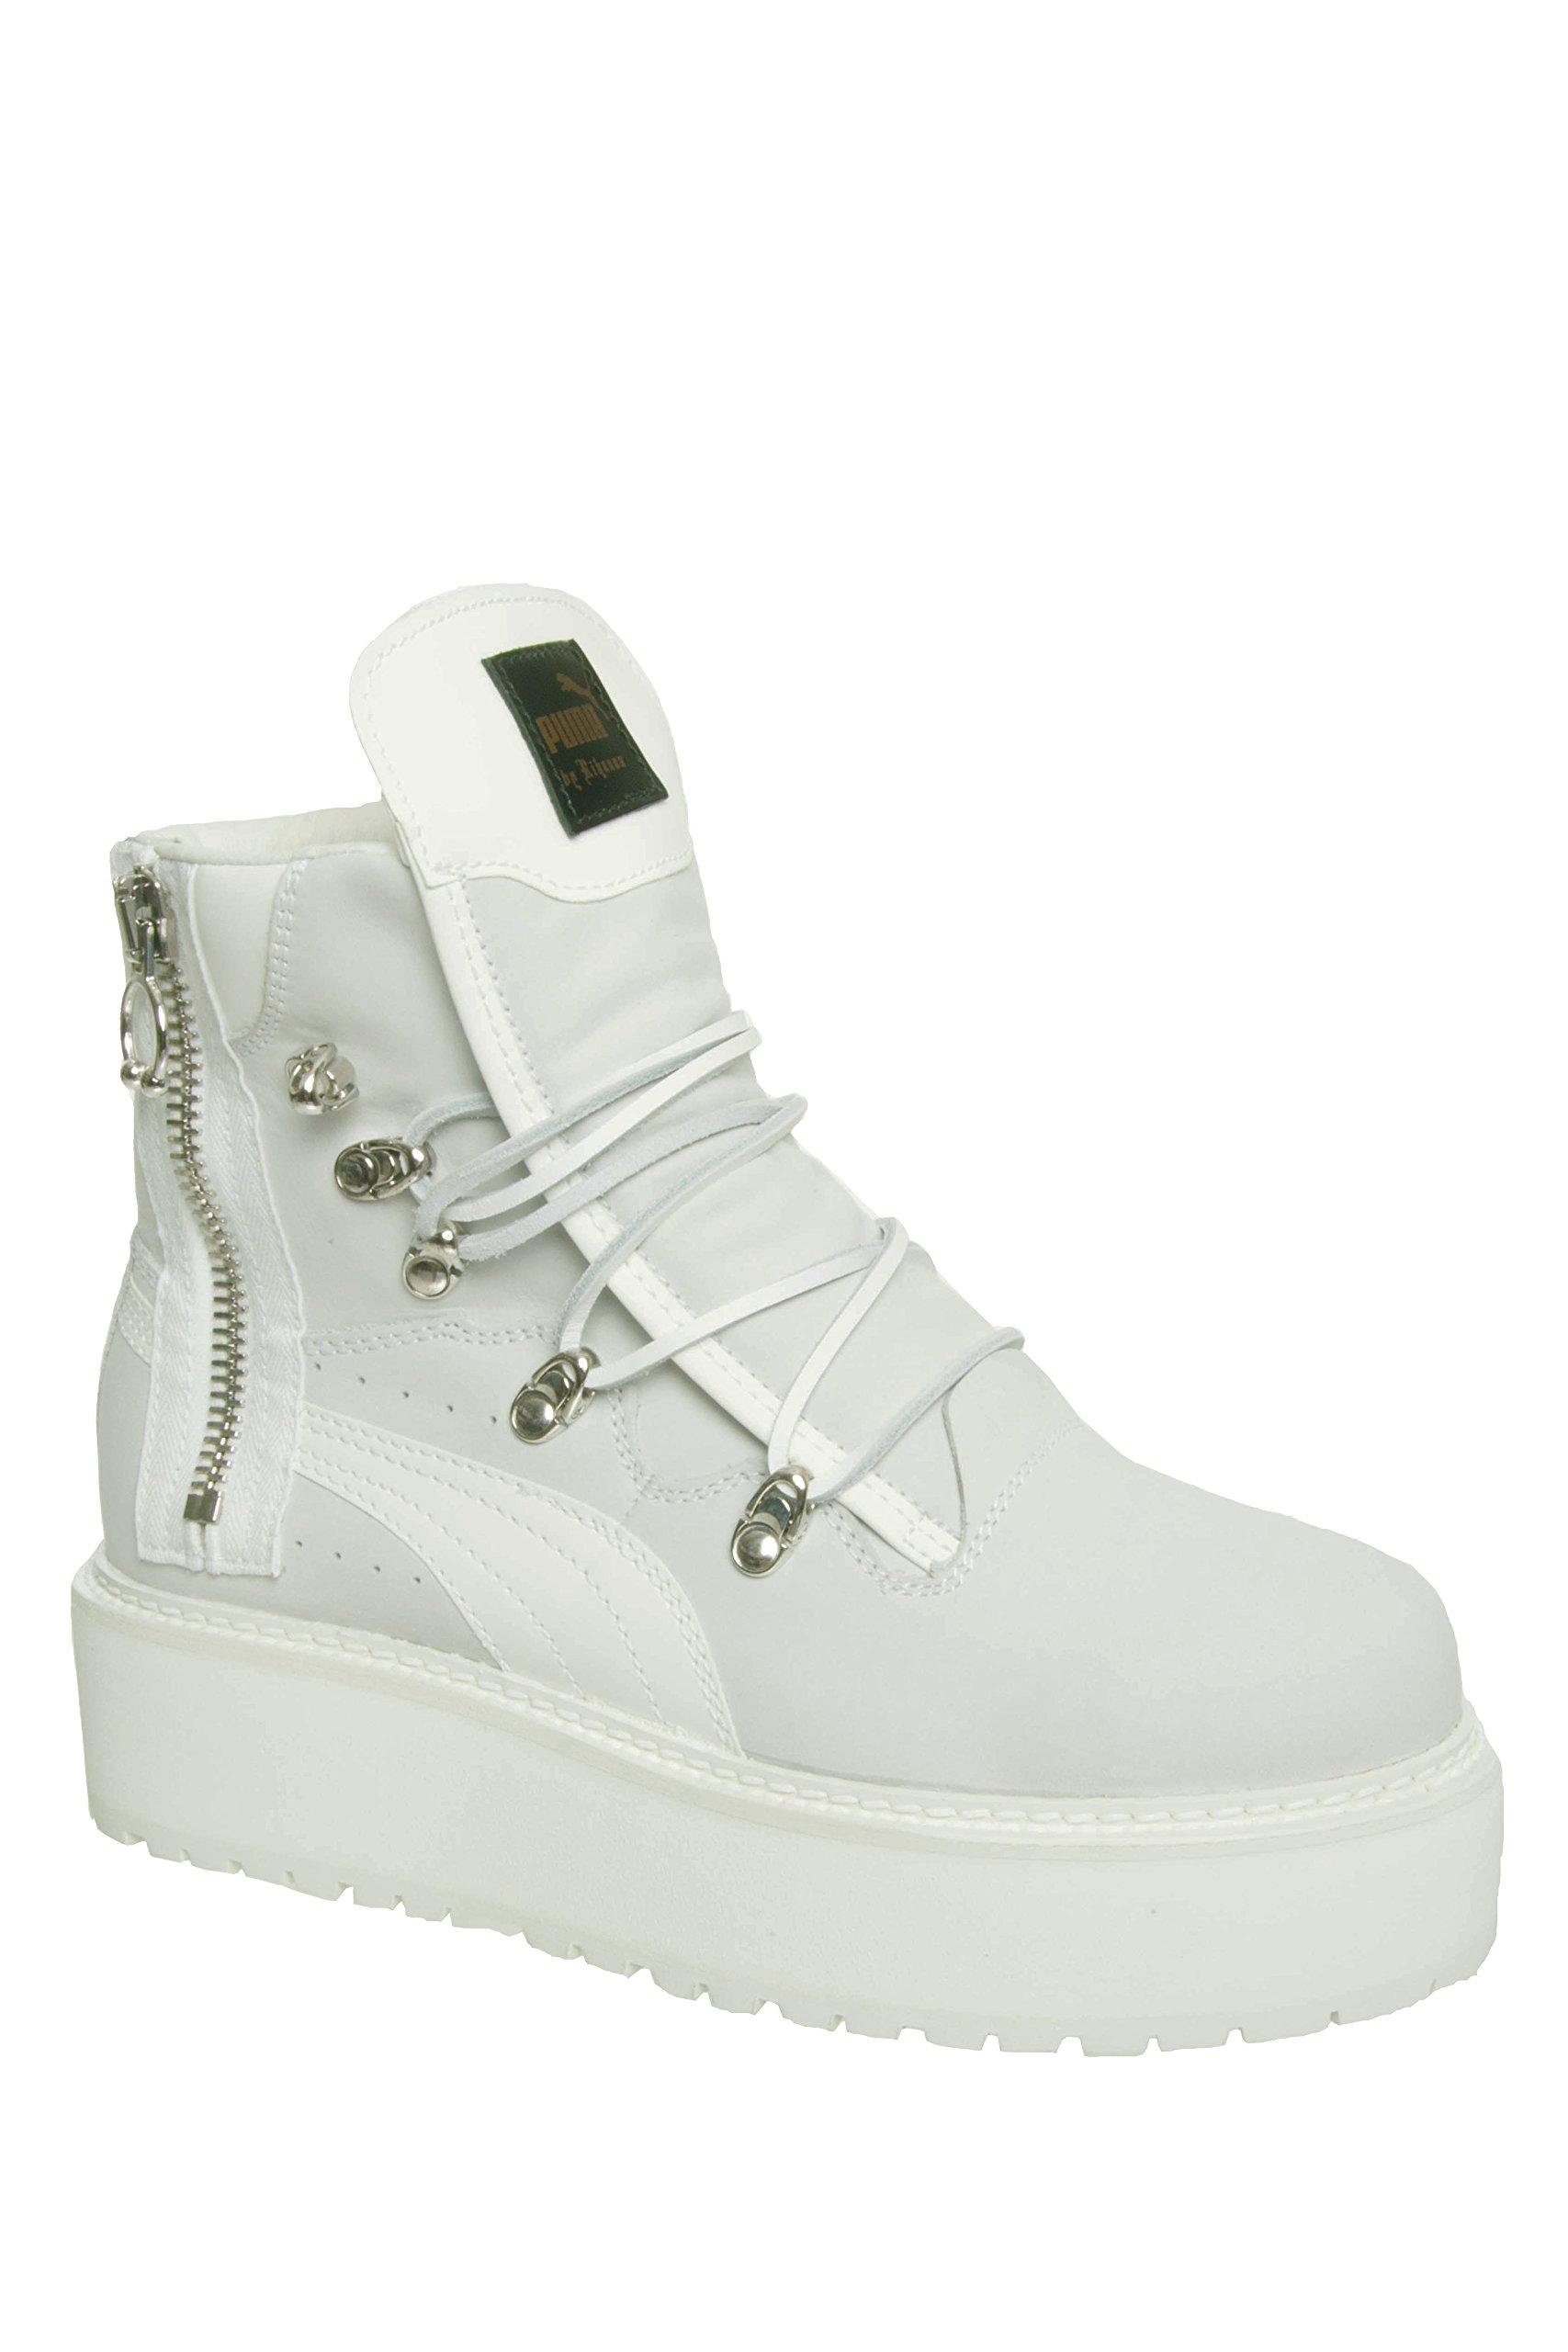 Puma Unisex Fenty x by Rihanna Platform Eyelet Sneaker Boot - White